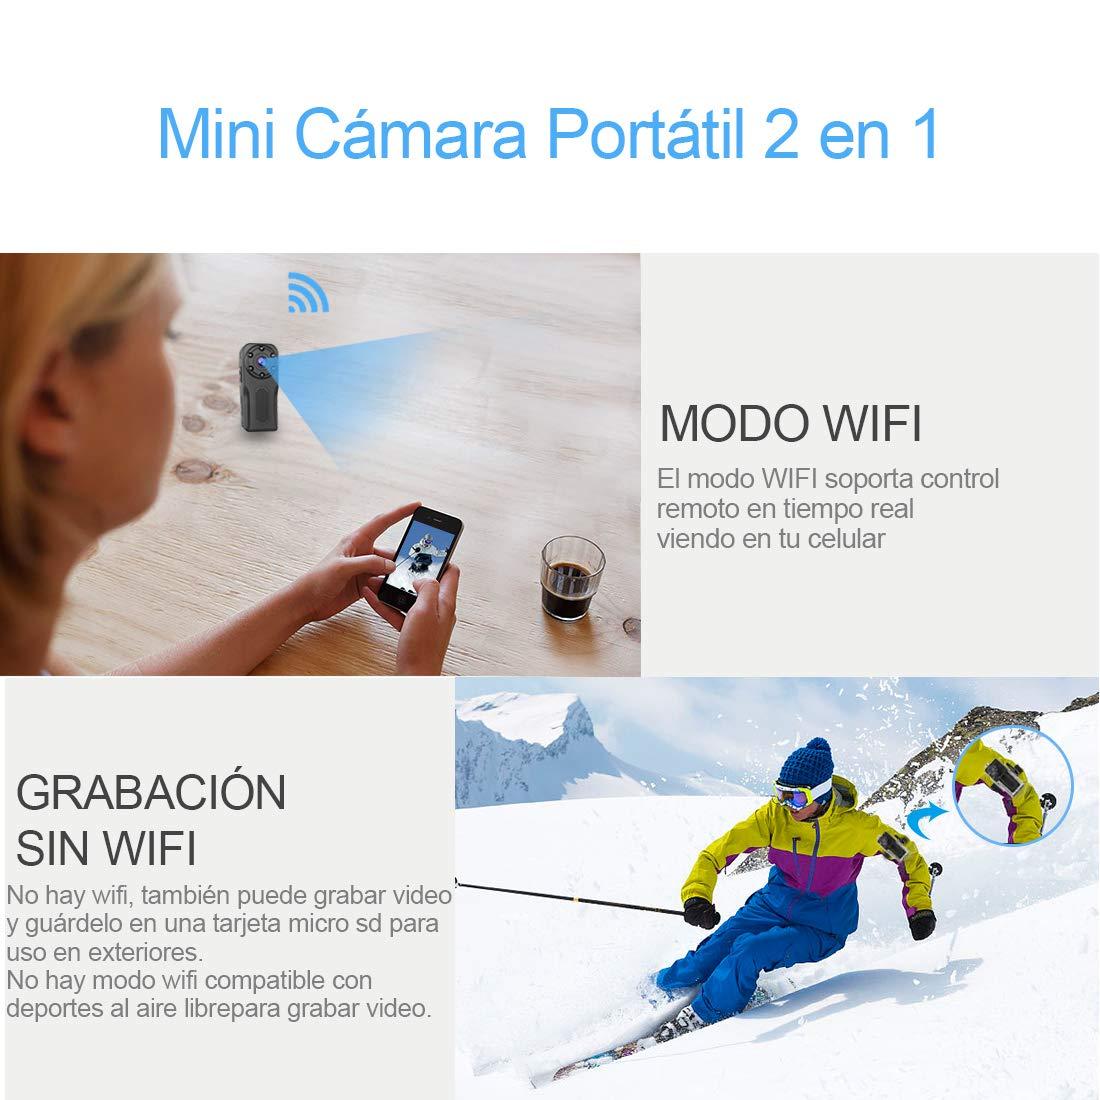 Mini Camara Espia Oculta WiFi Acuatica, NIYPS 1080P Full HD Cámara Vigilancia Portátil Secreta Compacta con Detector de Movimiento IR Visión Nocturna, ...